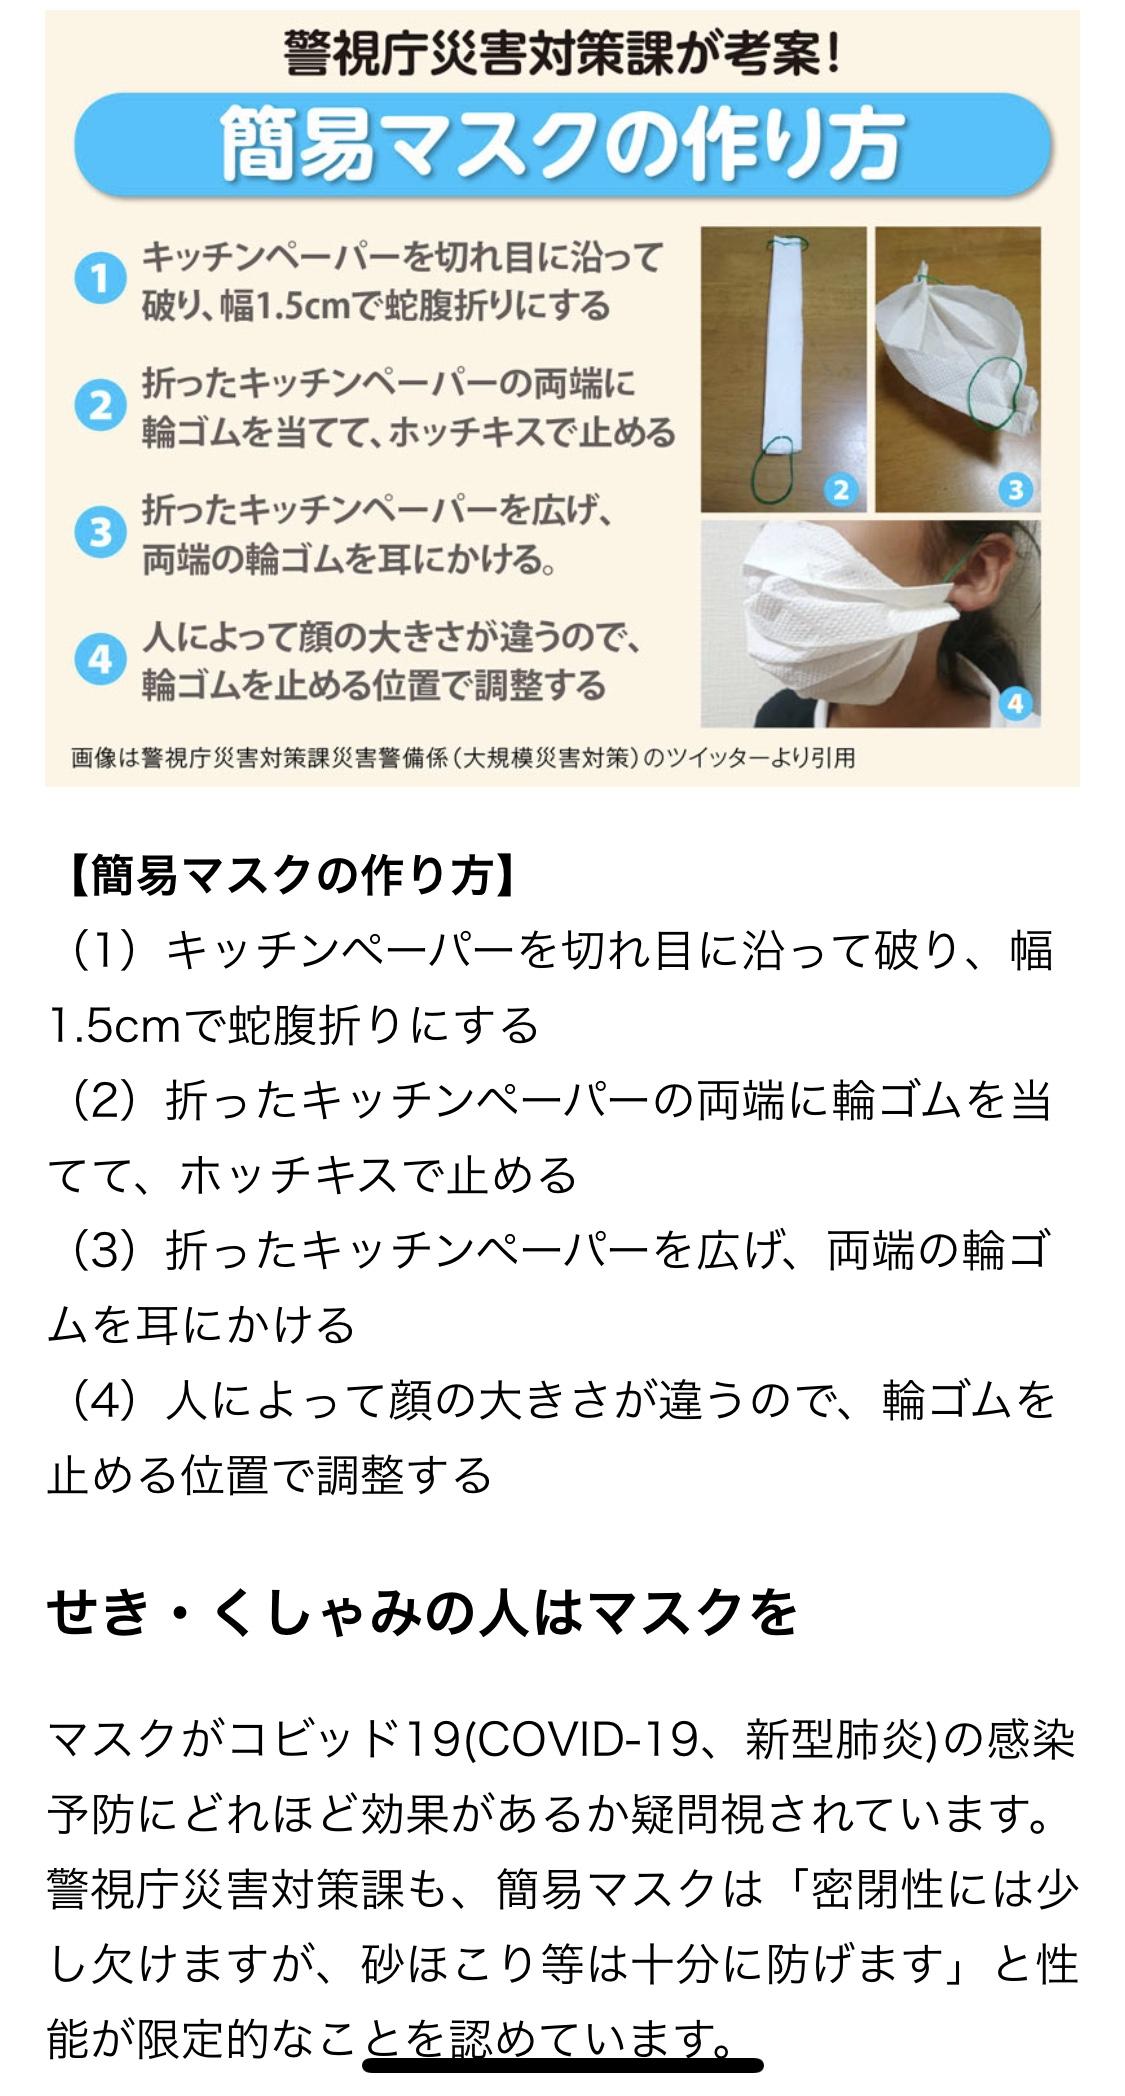 マスク 警視庁 ペーパー キッチン